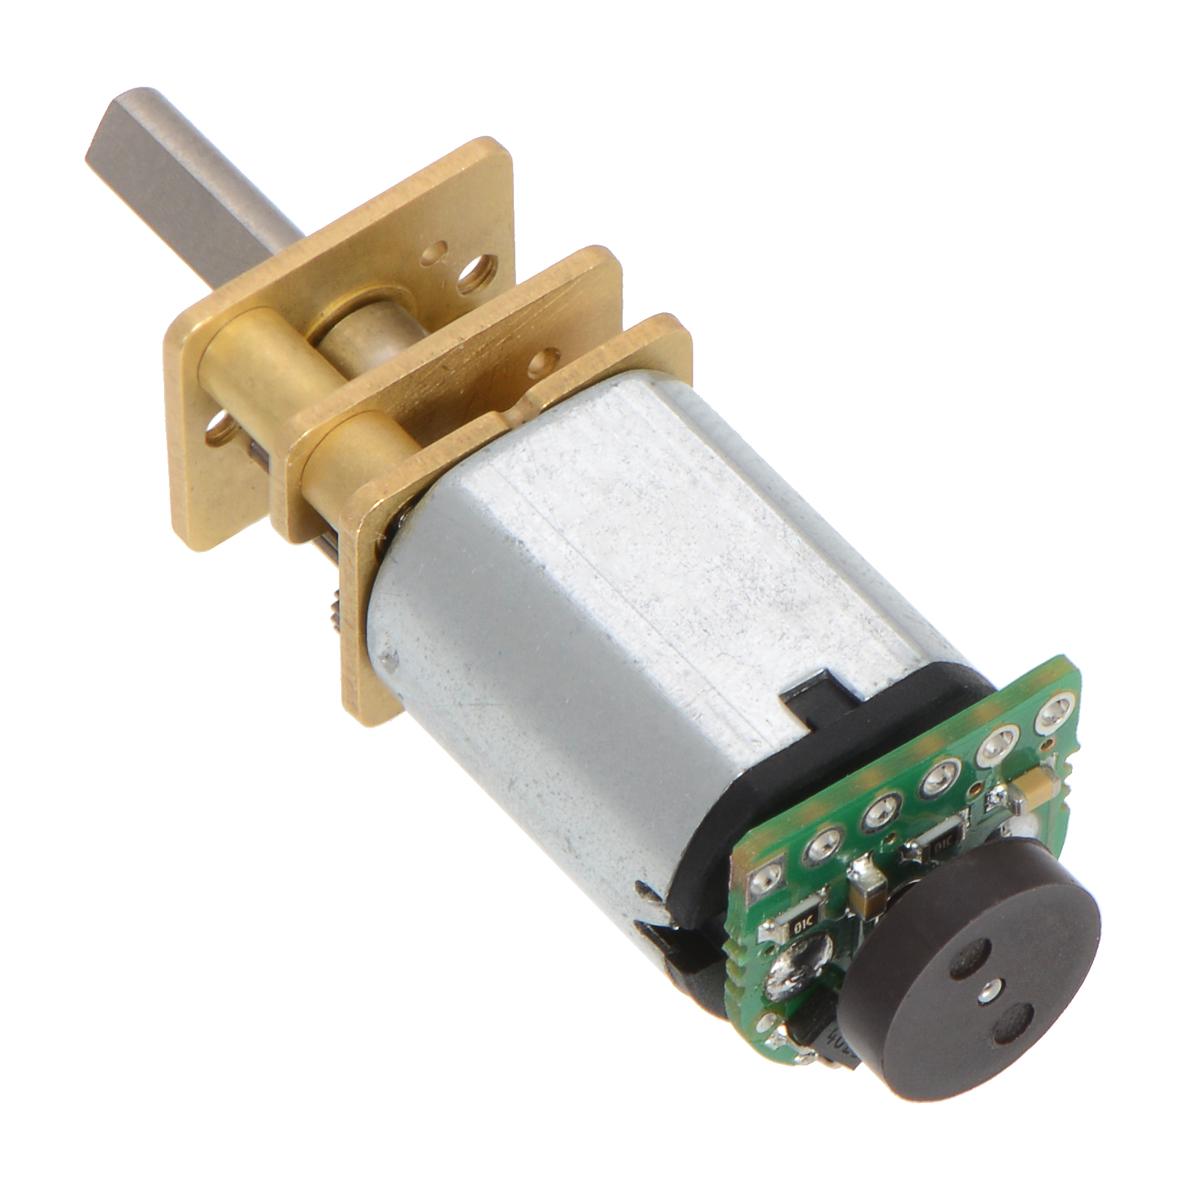 hight resolution of motor encoder installation